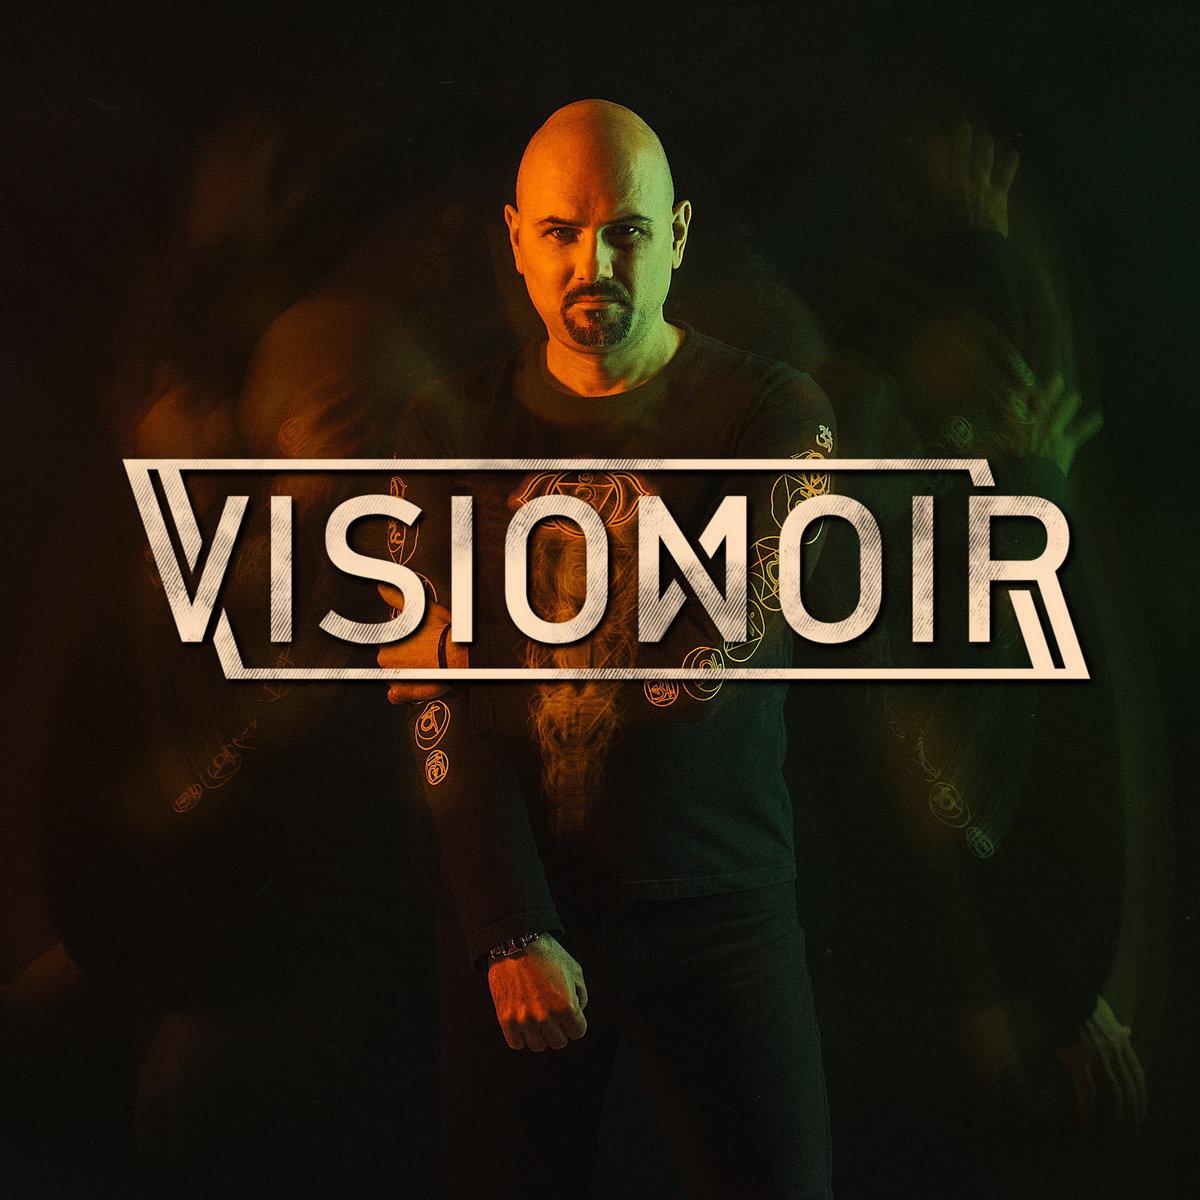 Visionoir - Photo